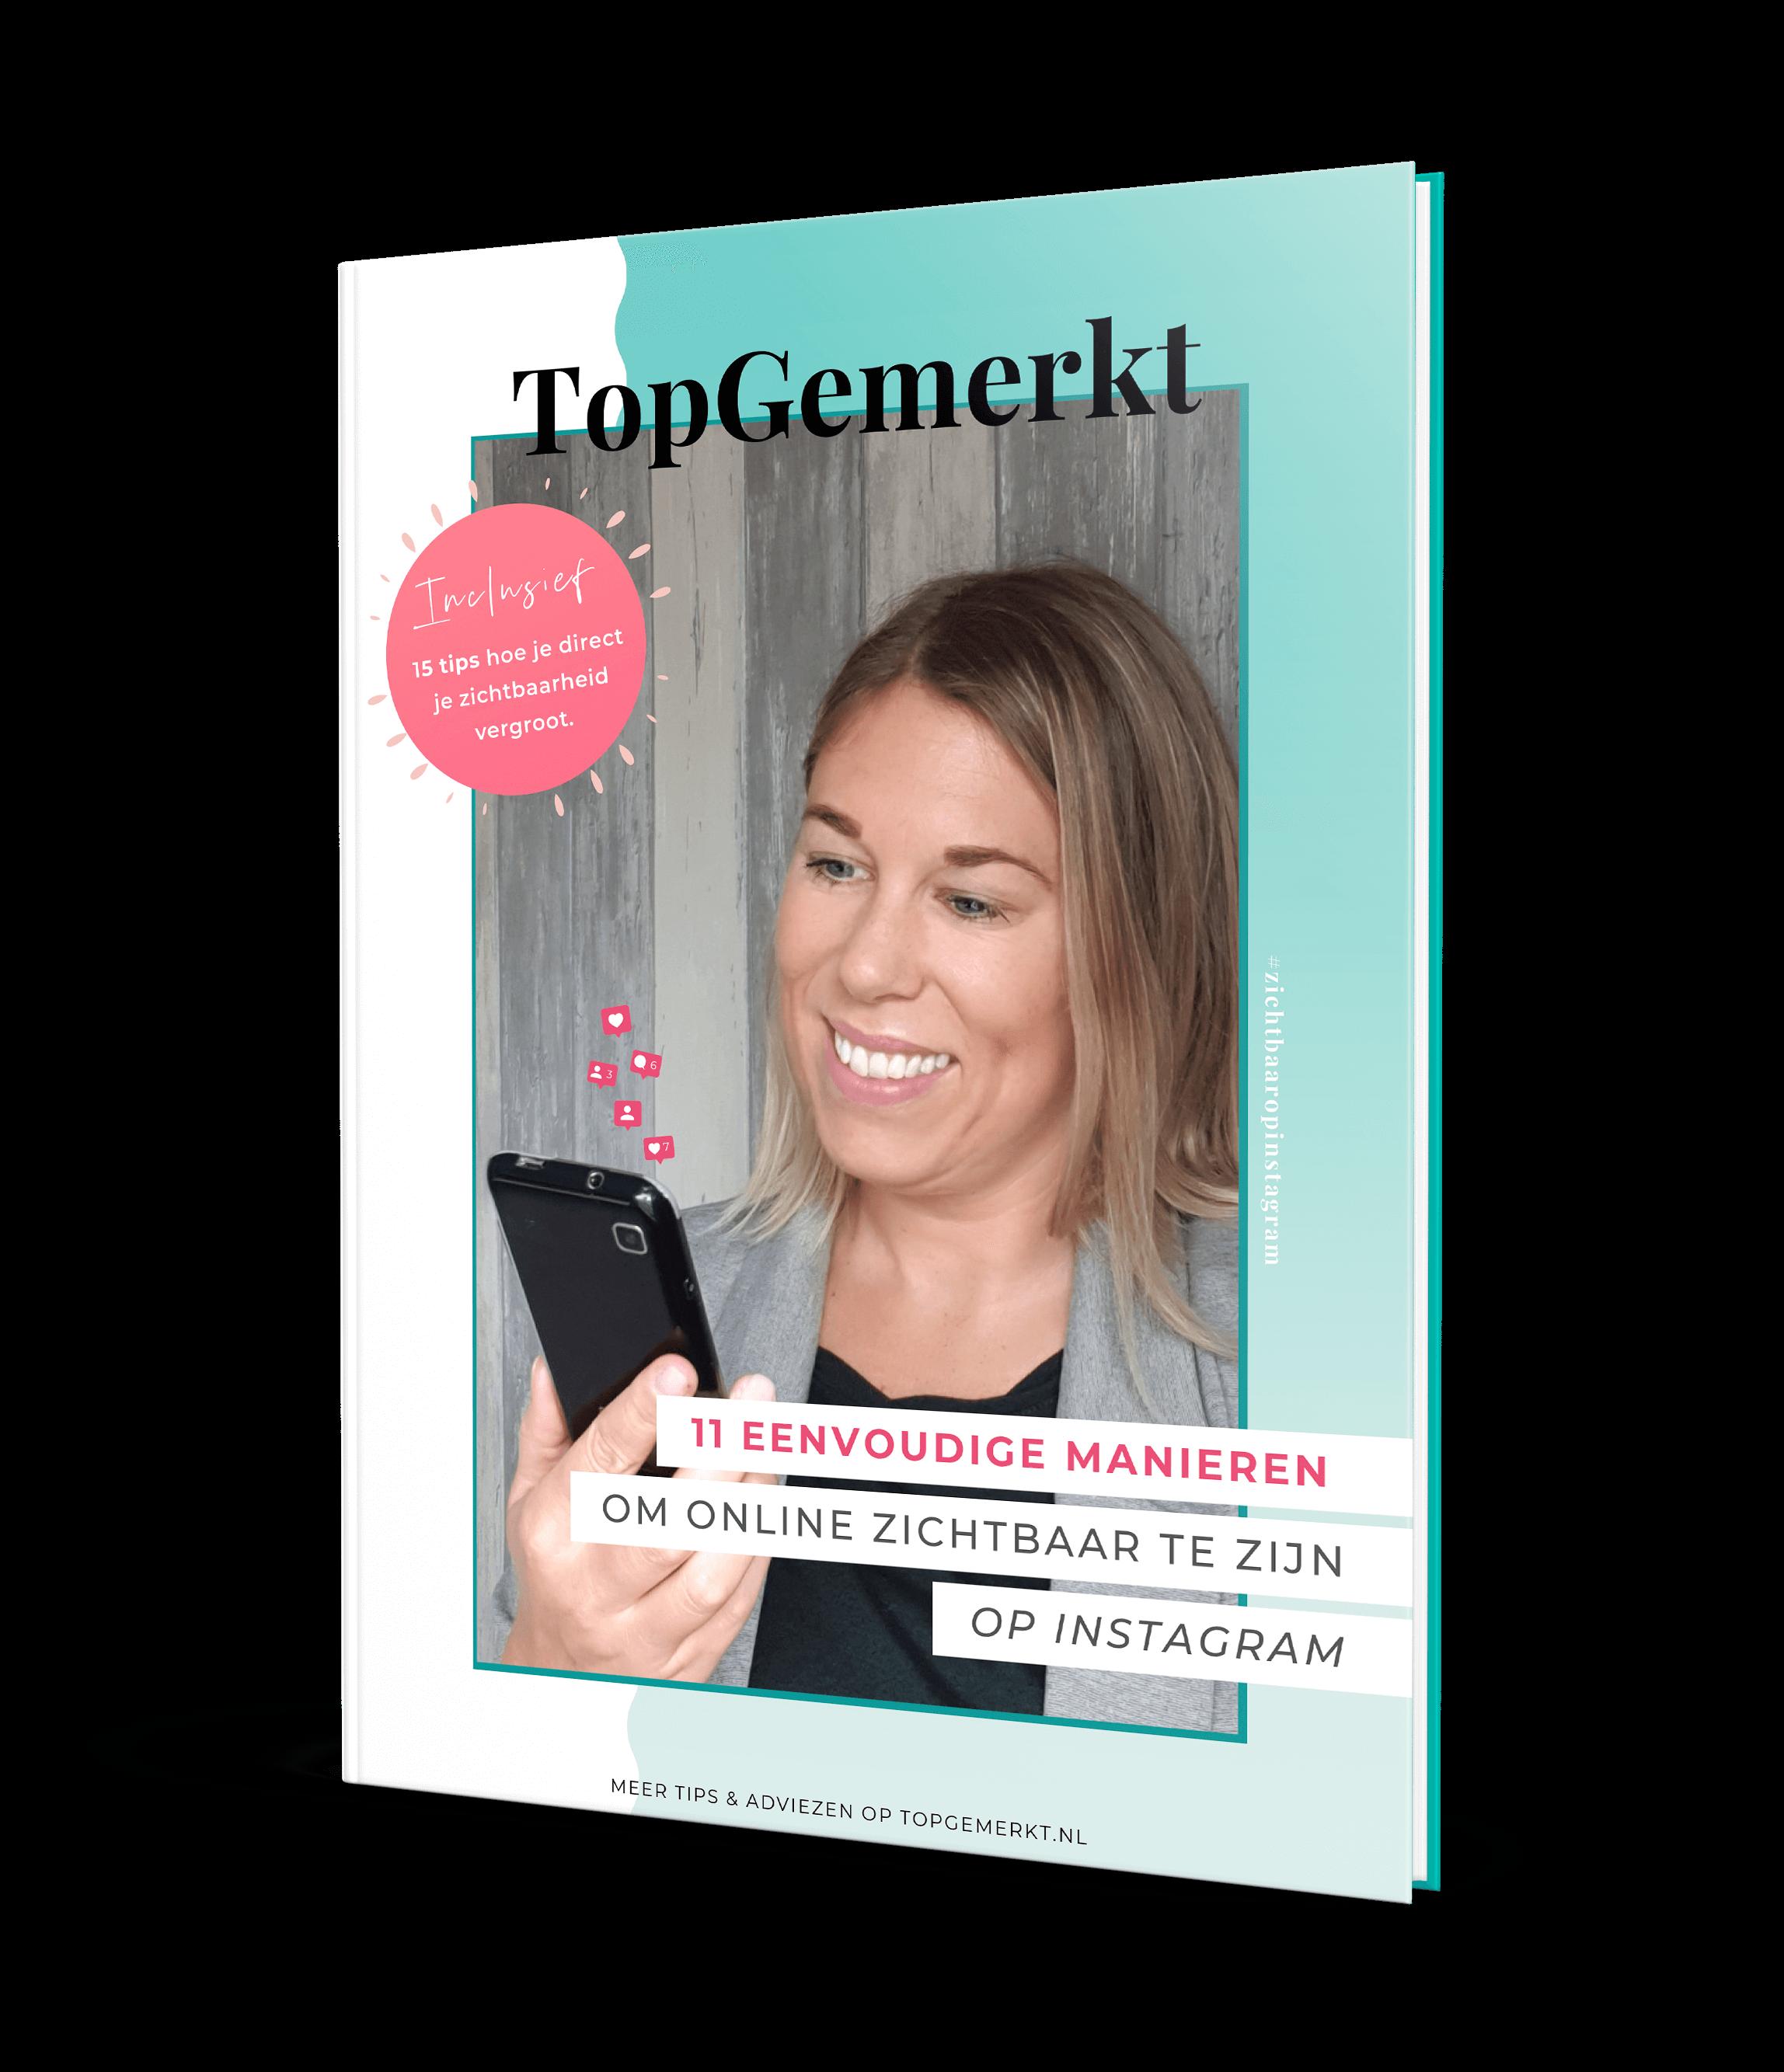 E-book - 11 eenvoudige manieren om online zichtbaar te zijn - TopGemerkt